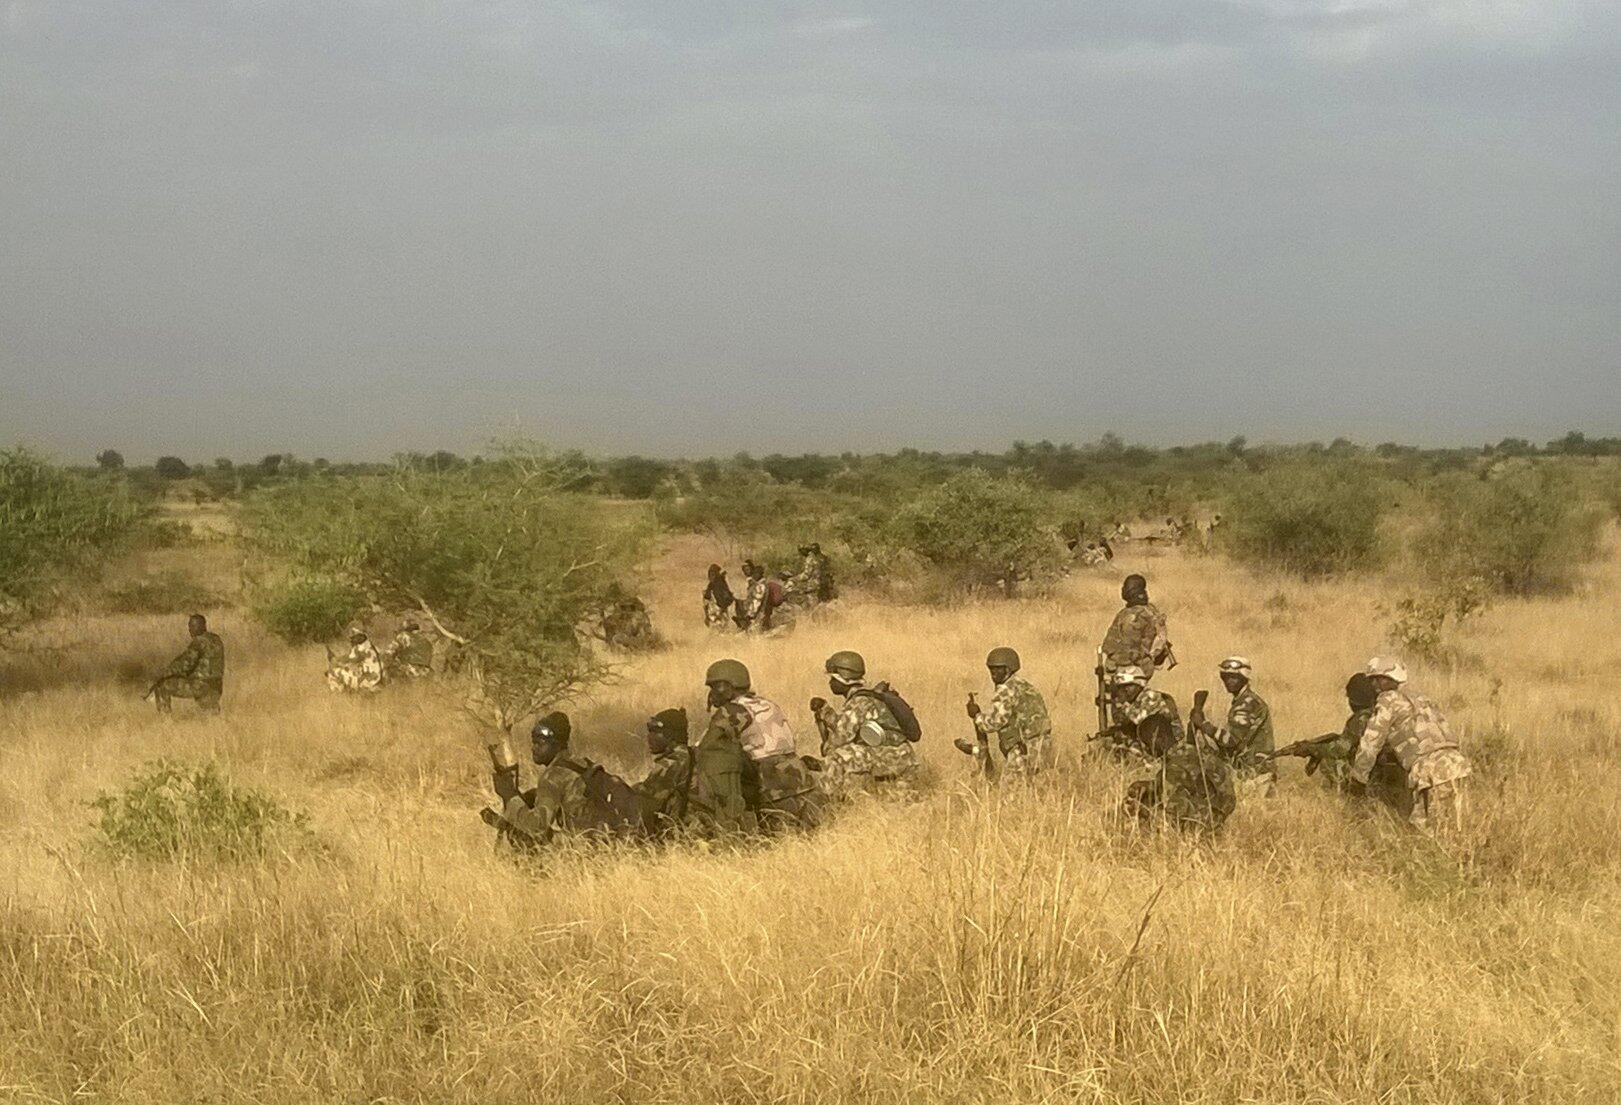 Des soldats nigérians lors d'une opération menée contre la secte Boko Haram, le 8 novembre 2015.